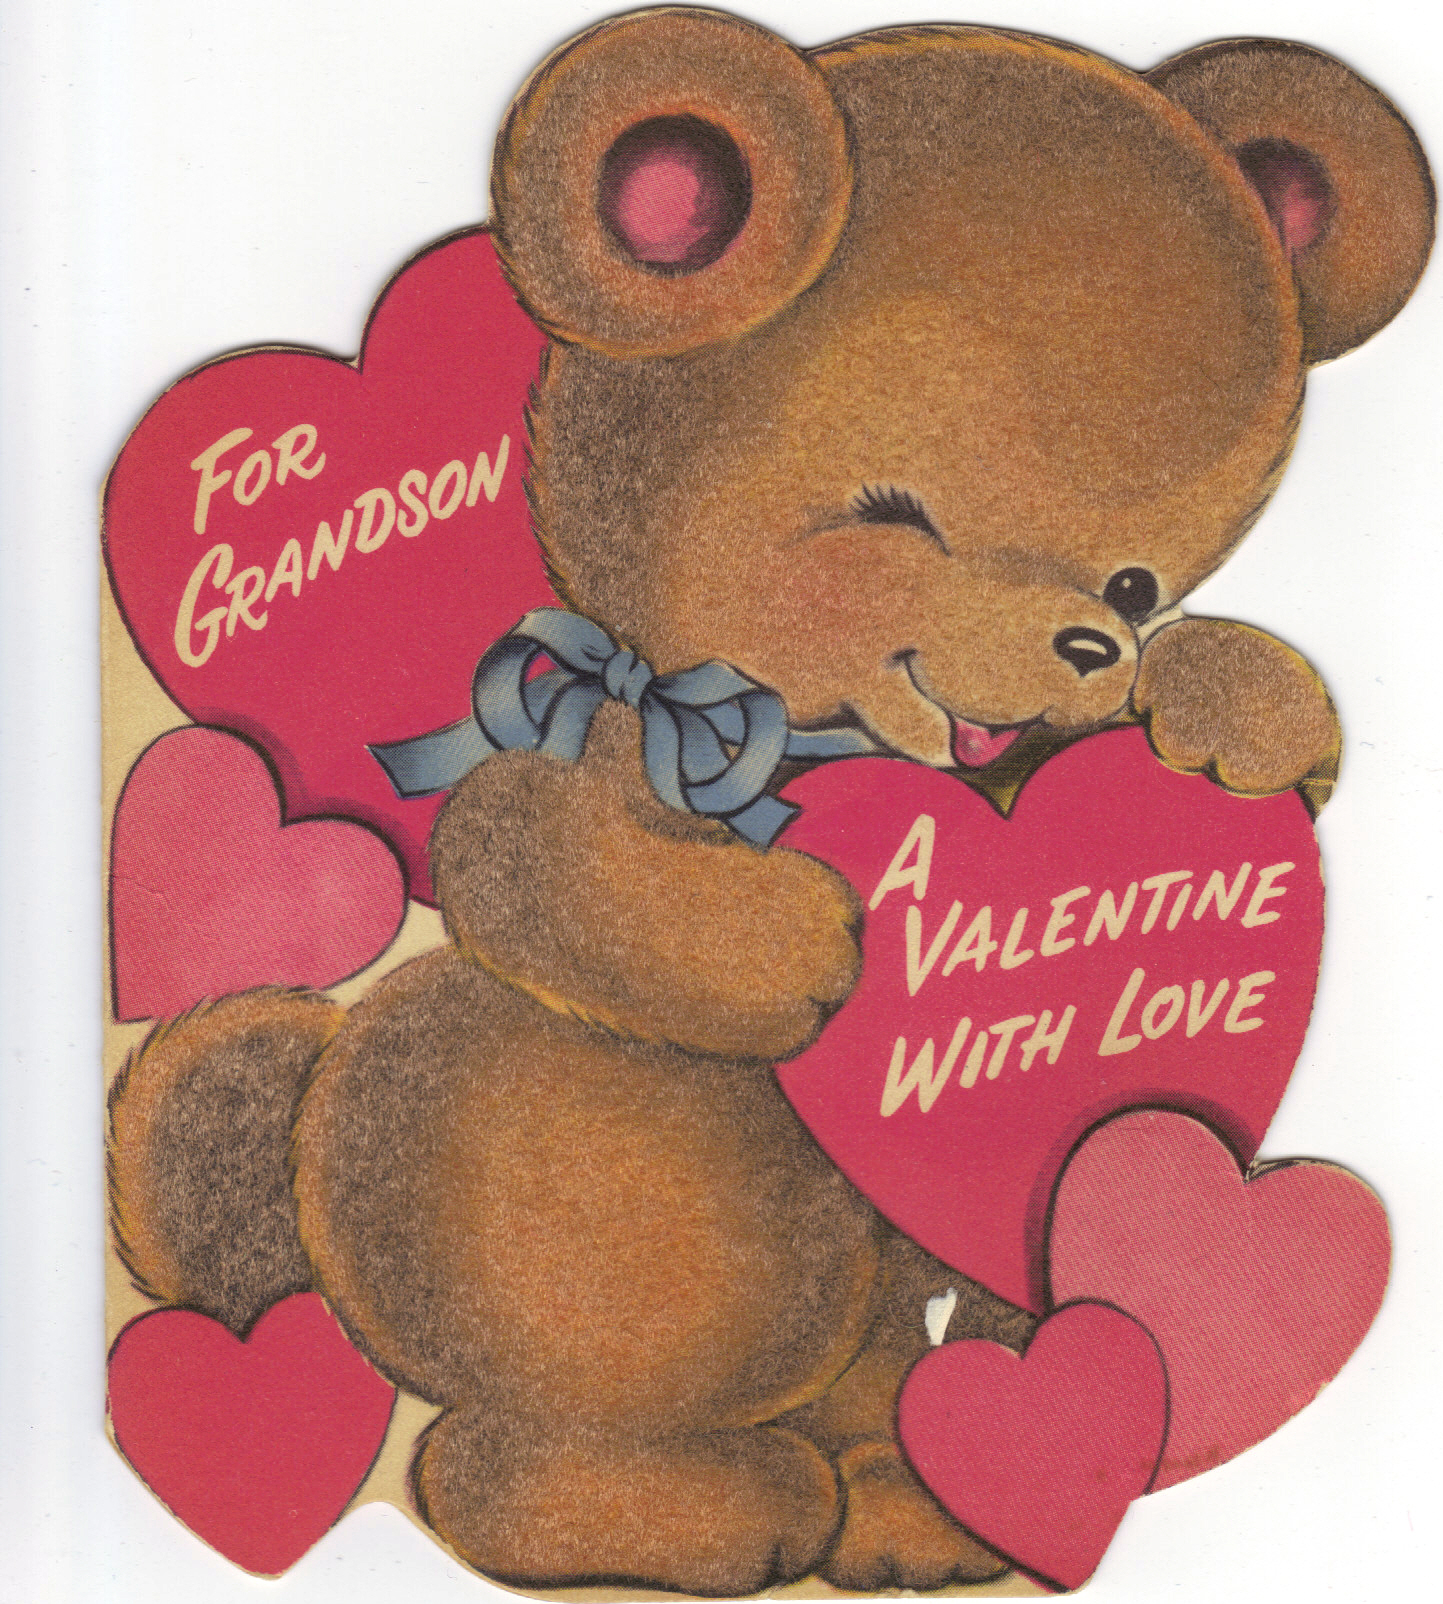 Tải hình ảnh Valentine dễ thương nhất là ảnh đại diện